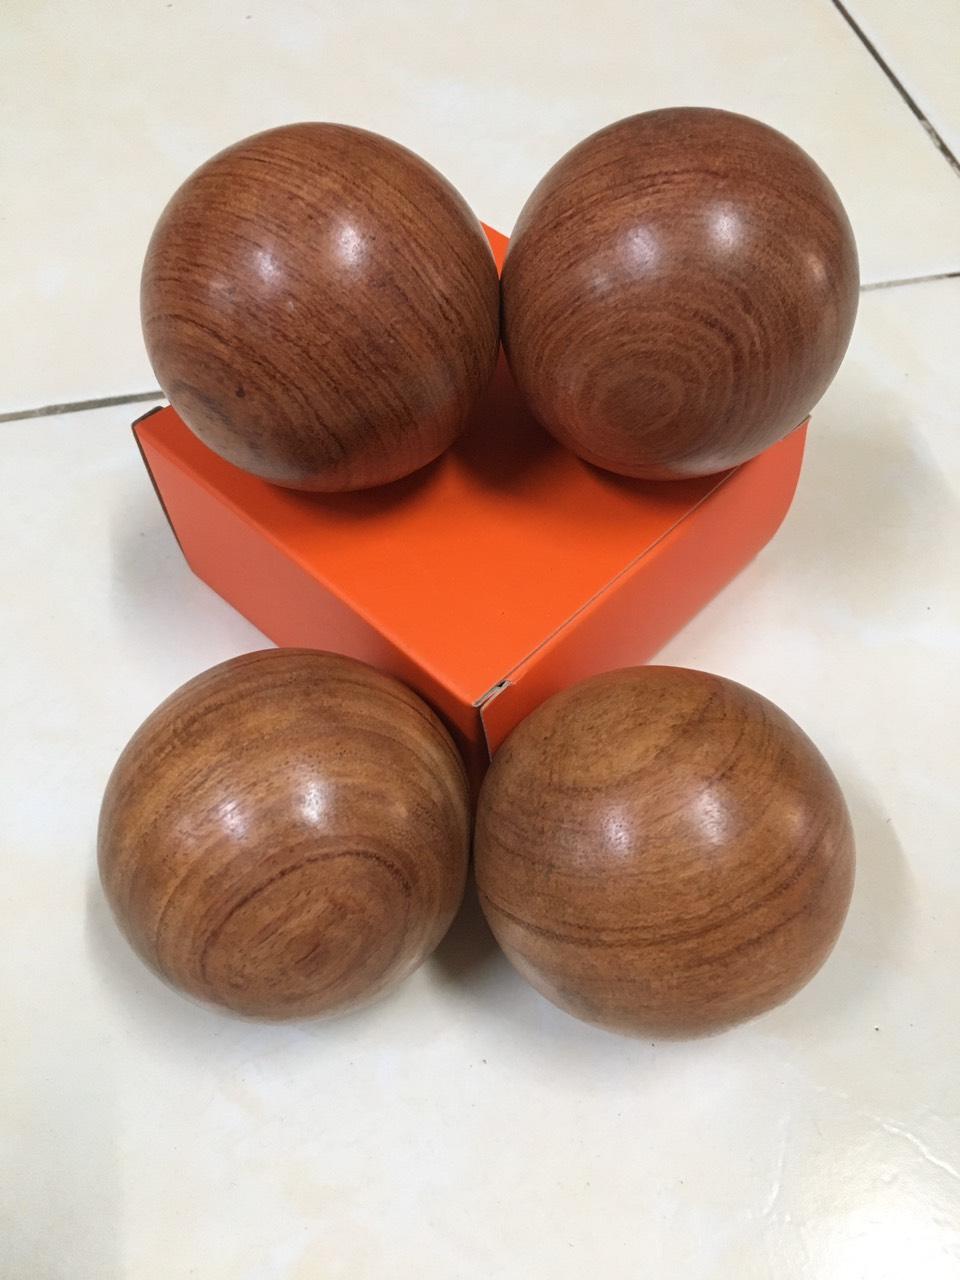 2 Cặp bi xoay tay gỗ Hương - Massage tay loại 5cm ( hình thật )